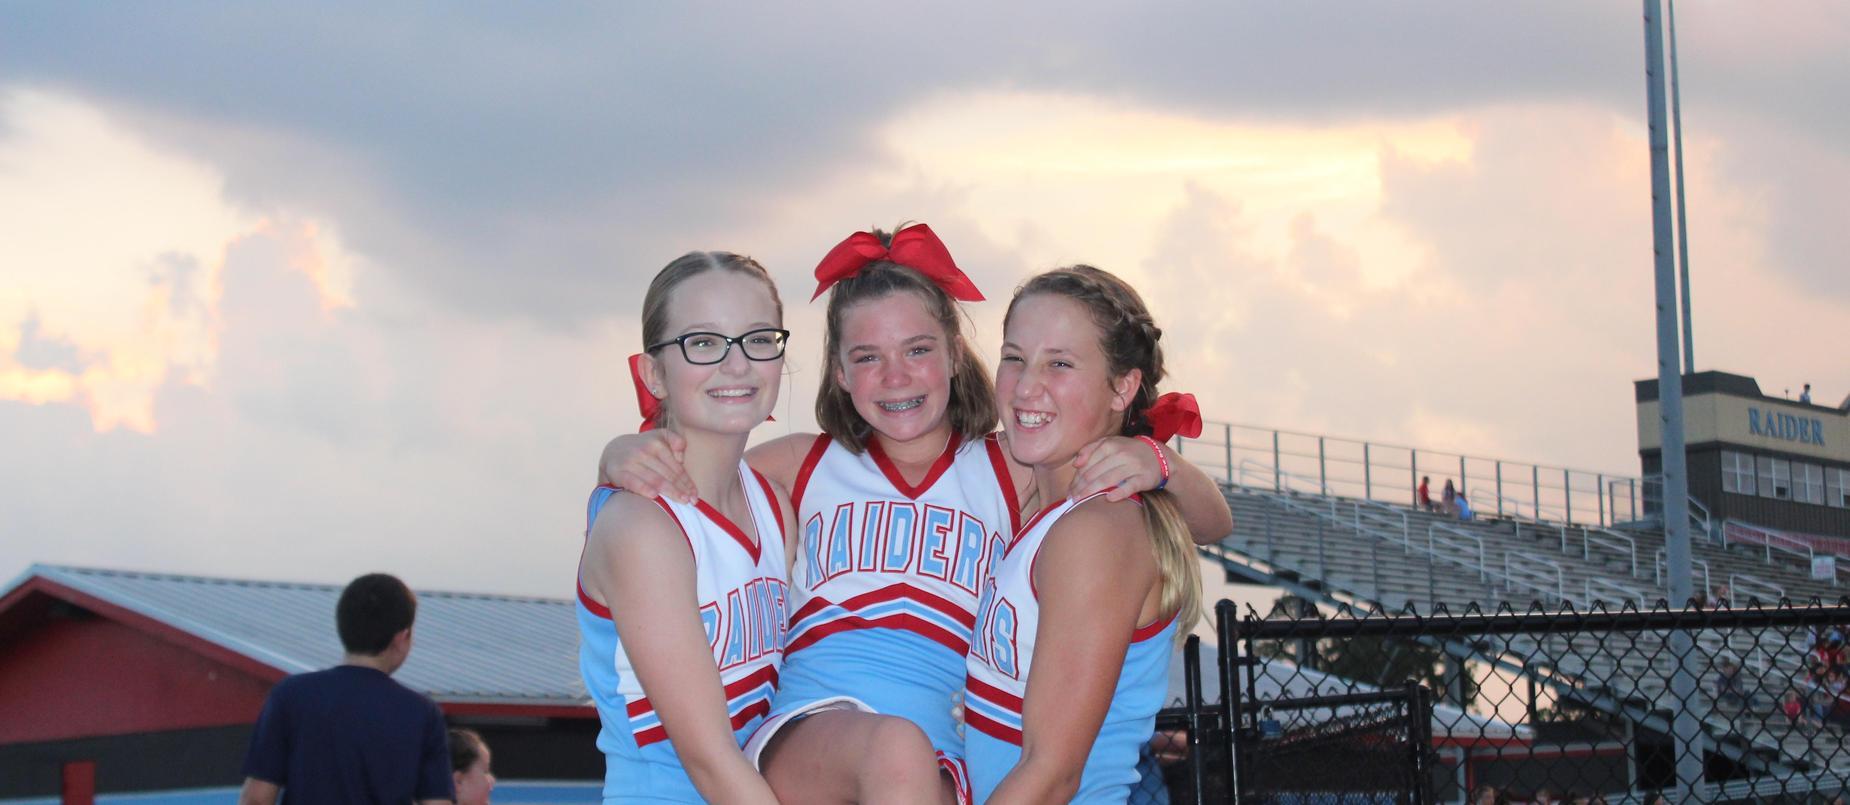 LMS Cheerleaders